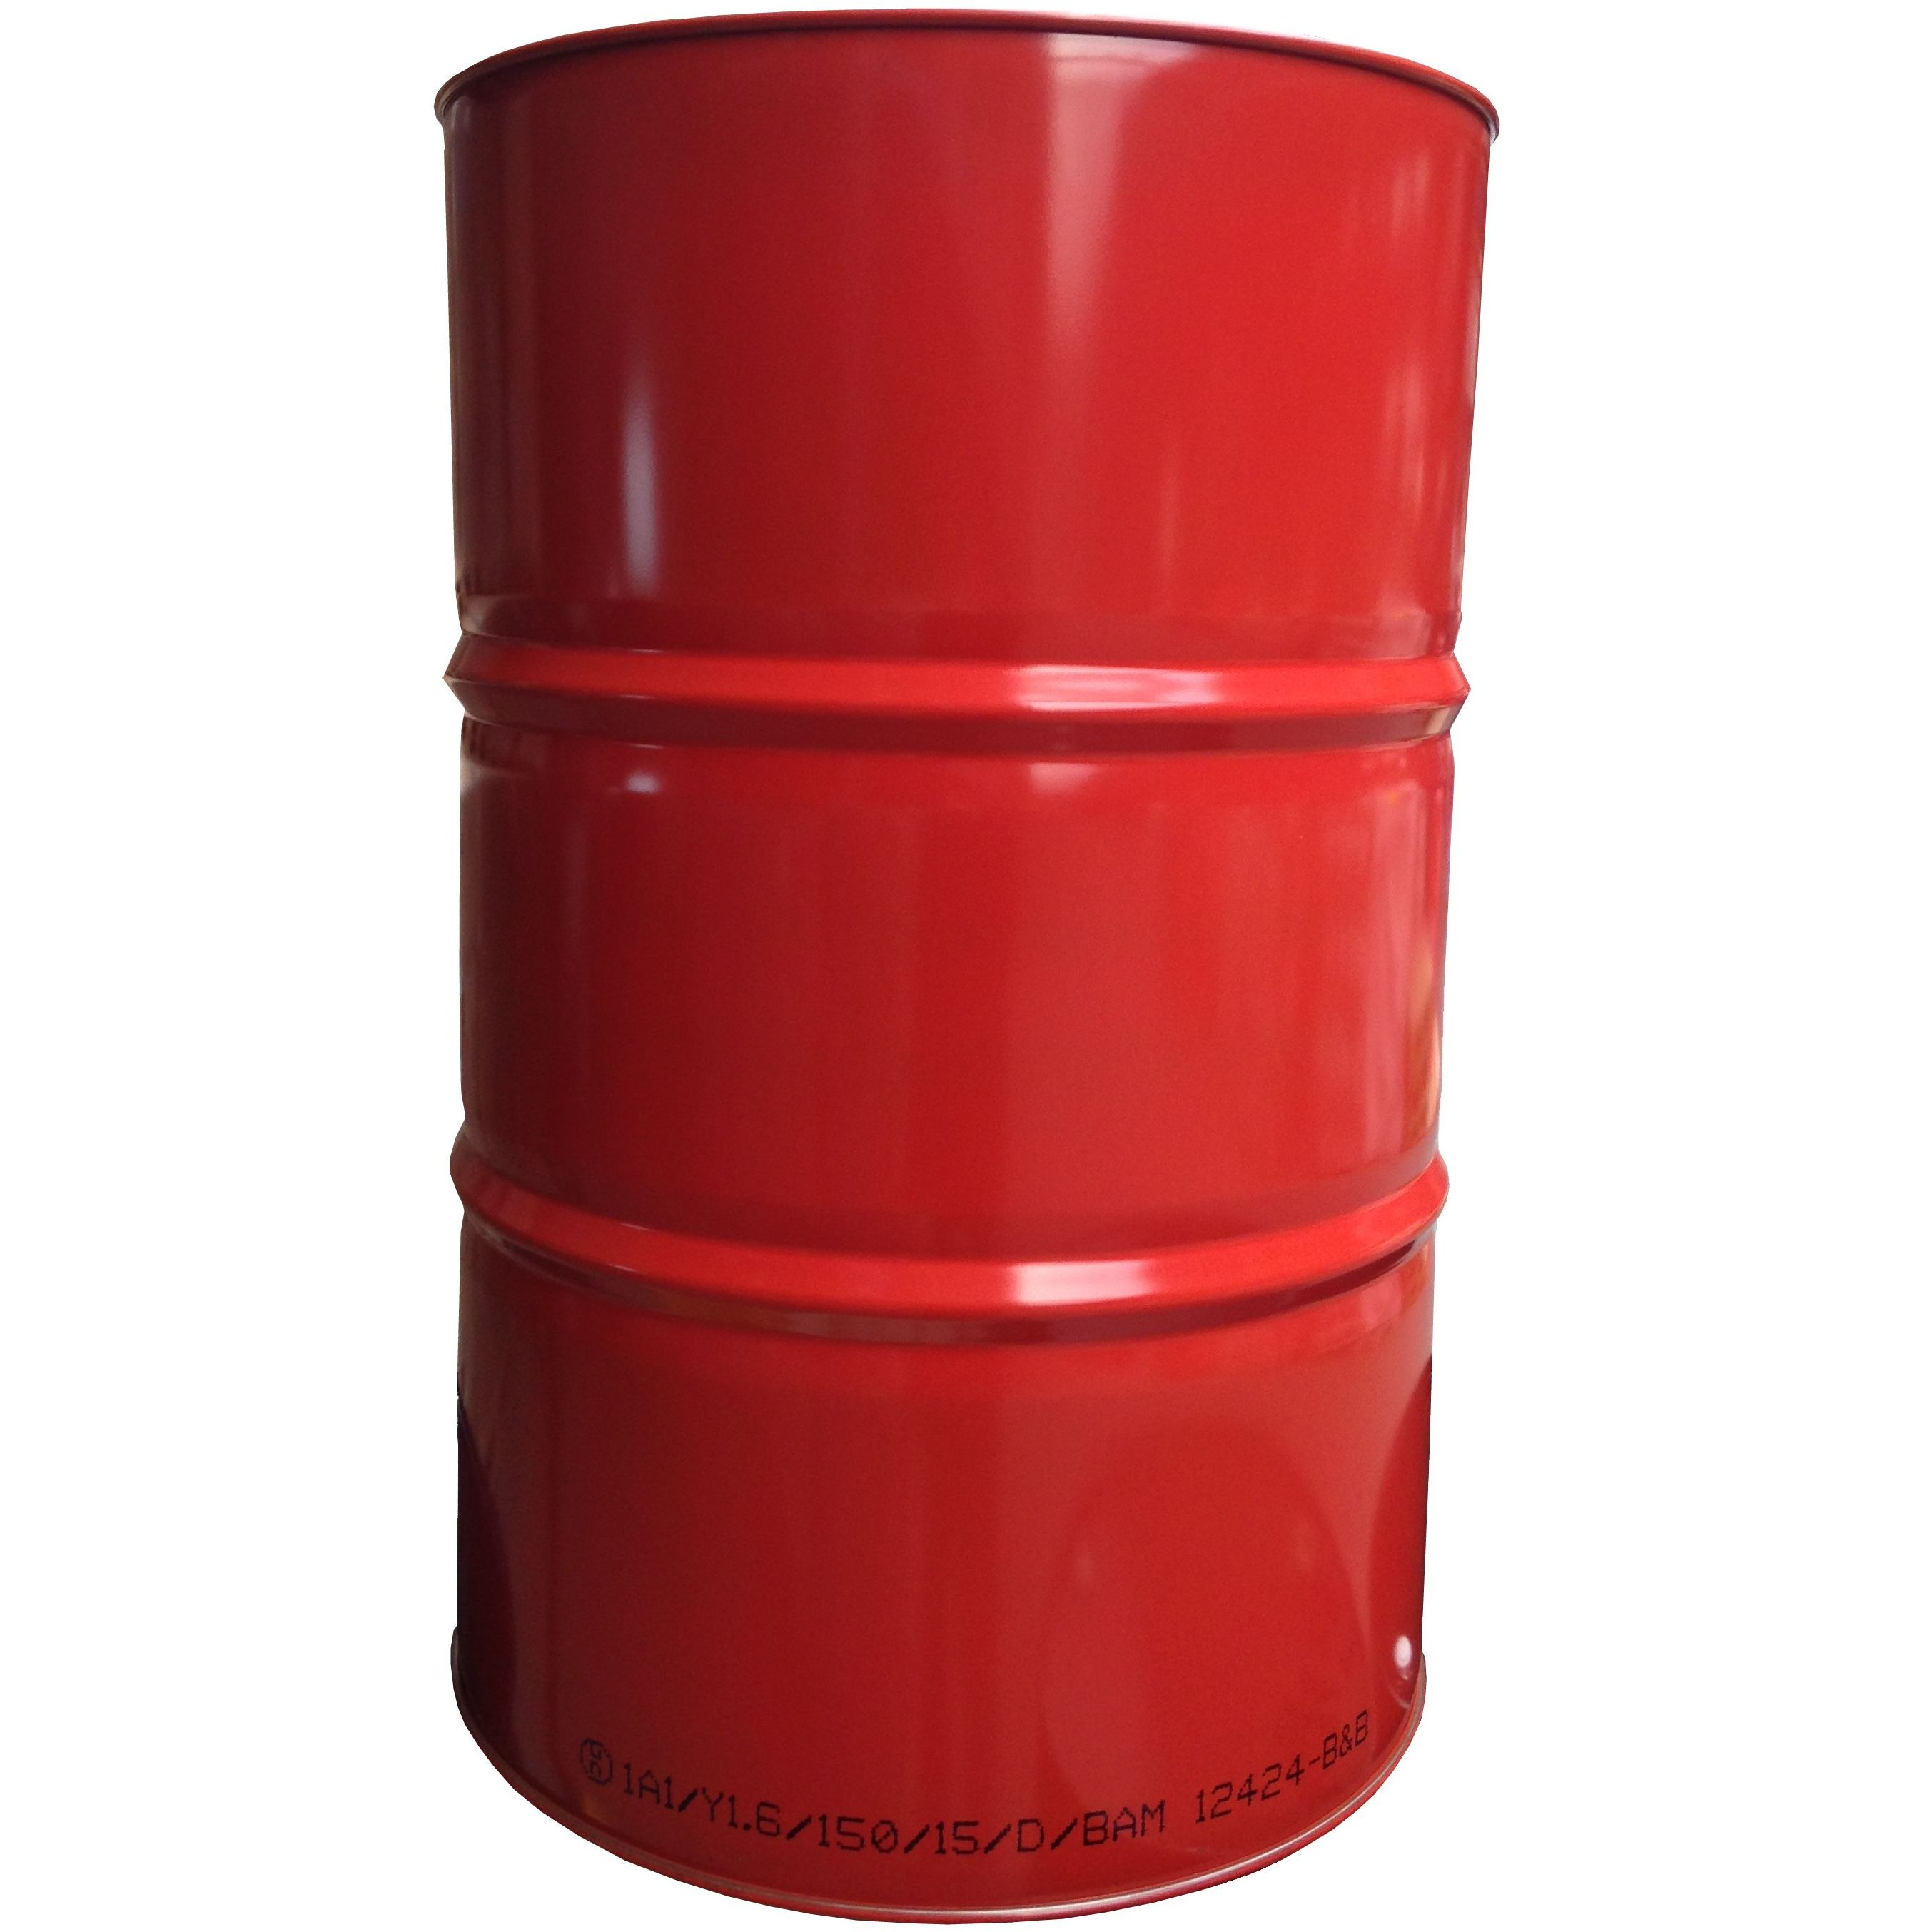 216 Liter Blechfass Stahlfass Faß Garagenfaß Ölfass Metallfass Tonne *NEU* ROT RAL 3000